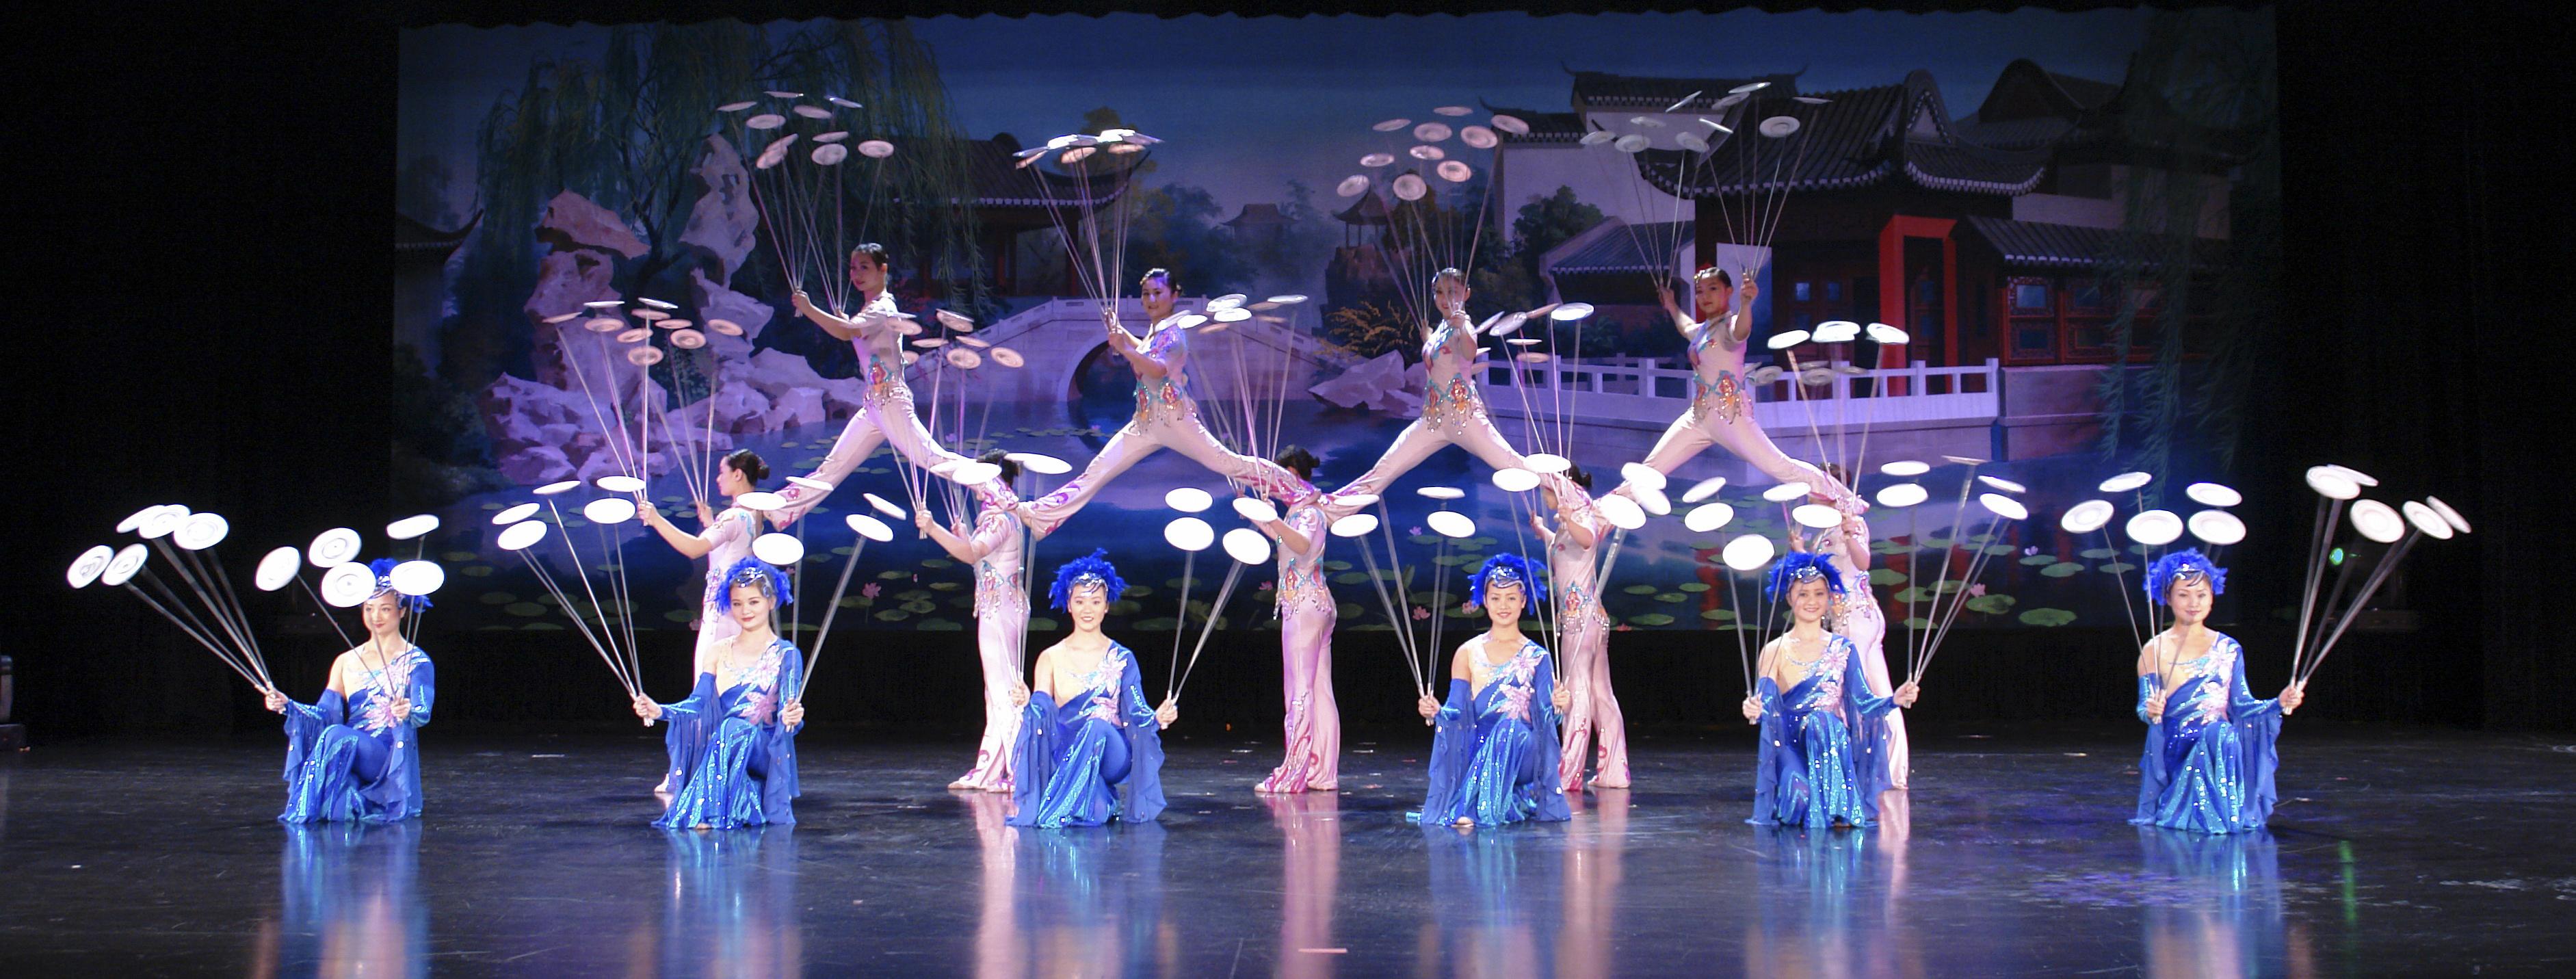 Shanghai Circus photo.